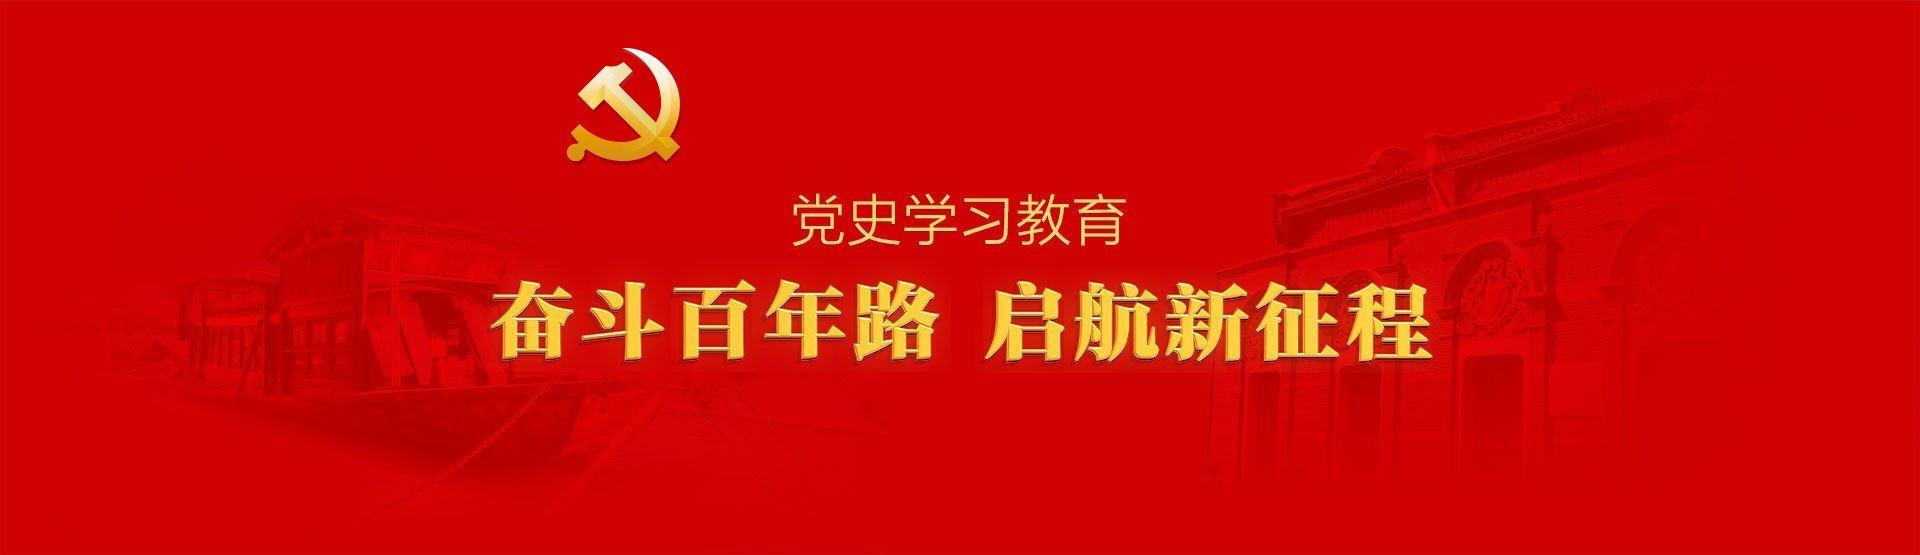 东盛云强夯党史学习教育